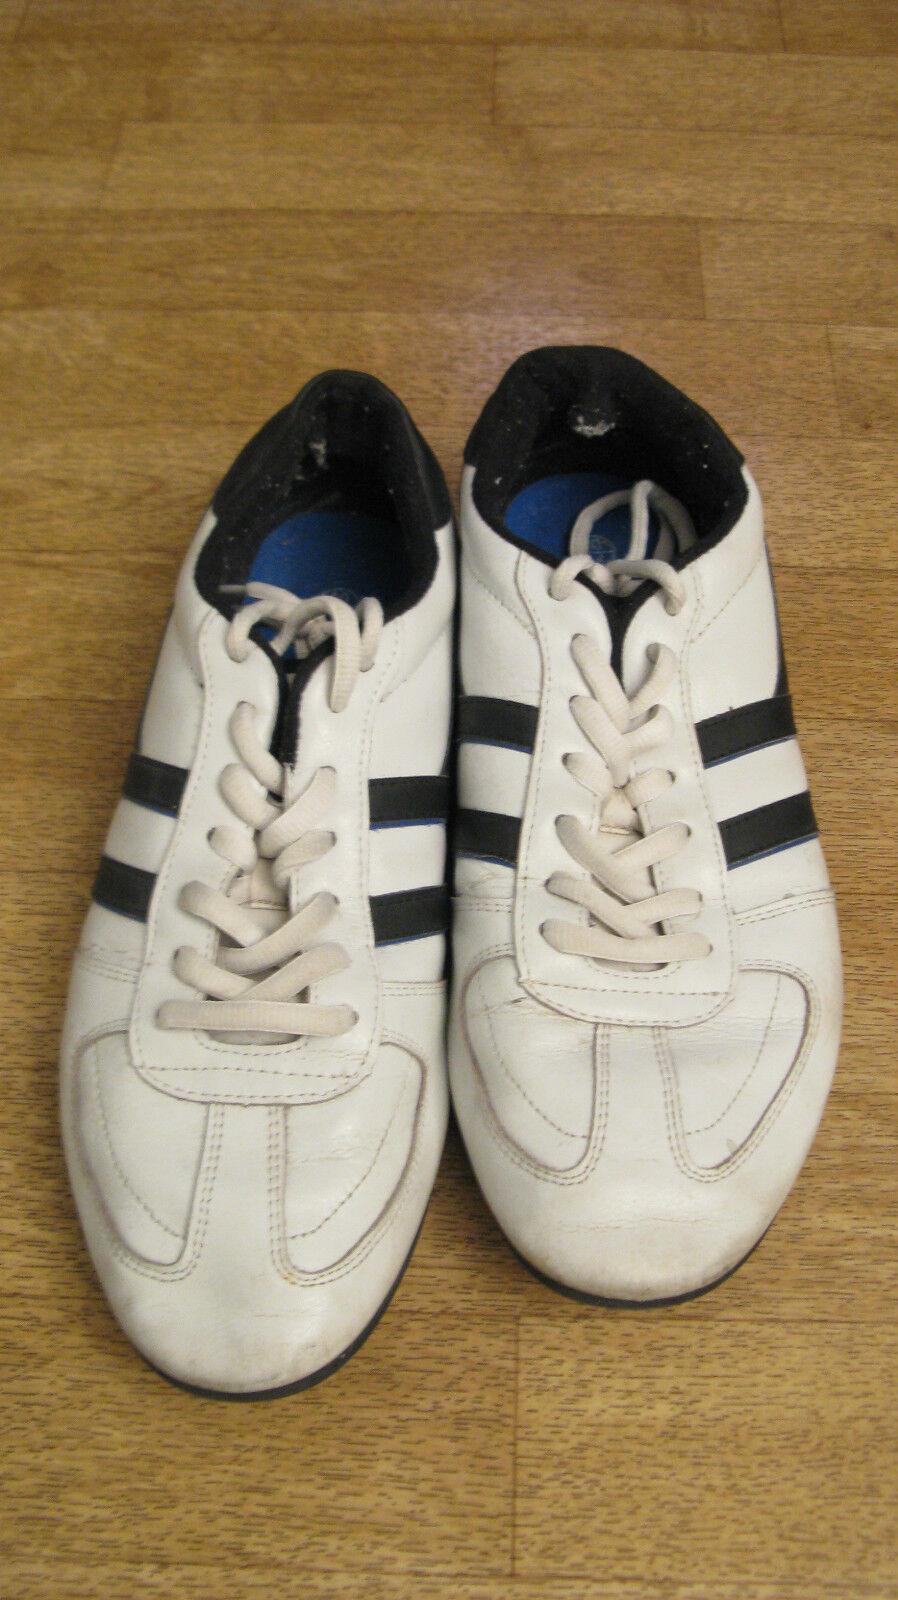 Adidas Herren Sneaker Gr. Turnschuhe 47 Weiß Schwarz Sneakers Turnschuhe Gr. Men Gay Skater TOP f534d3